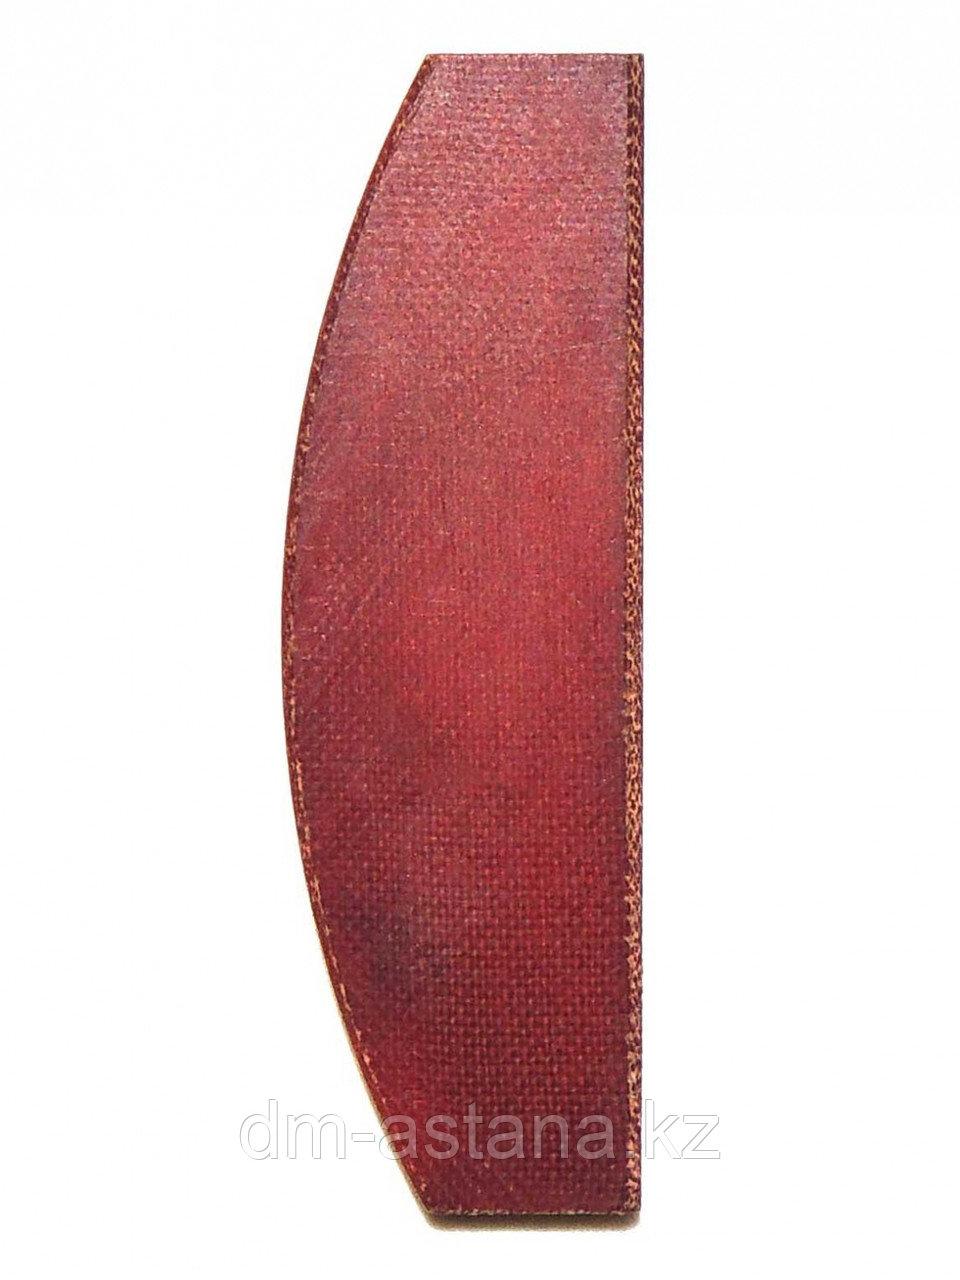 Лепесток NORDBERG 12314-0080001-1 (305) для пневмогайковерта NORDBERG  IT3110